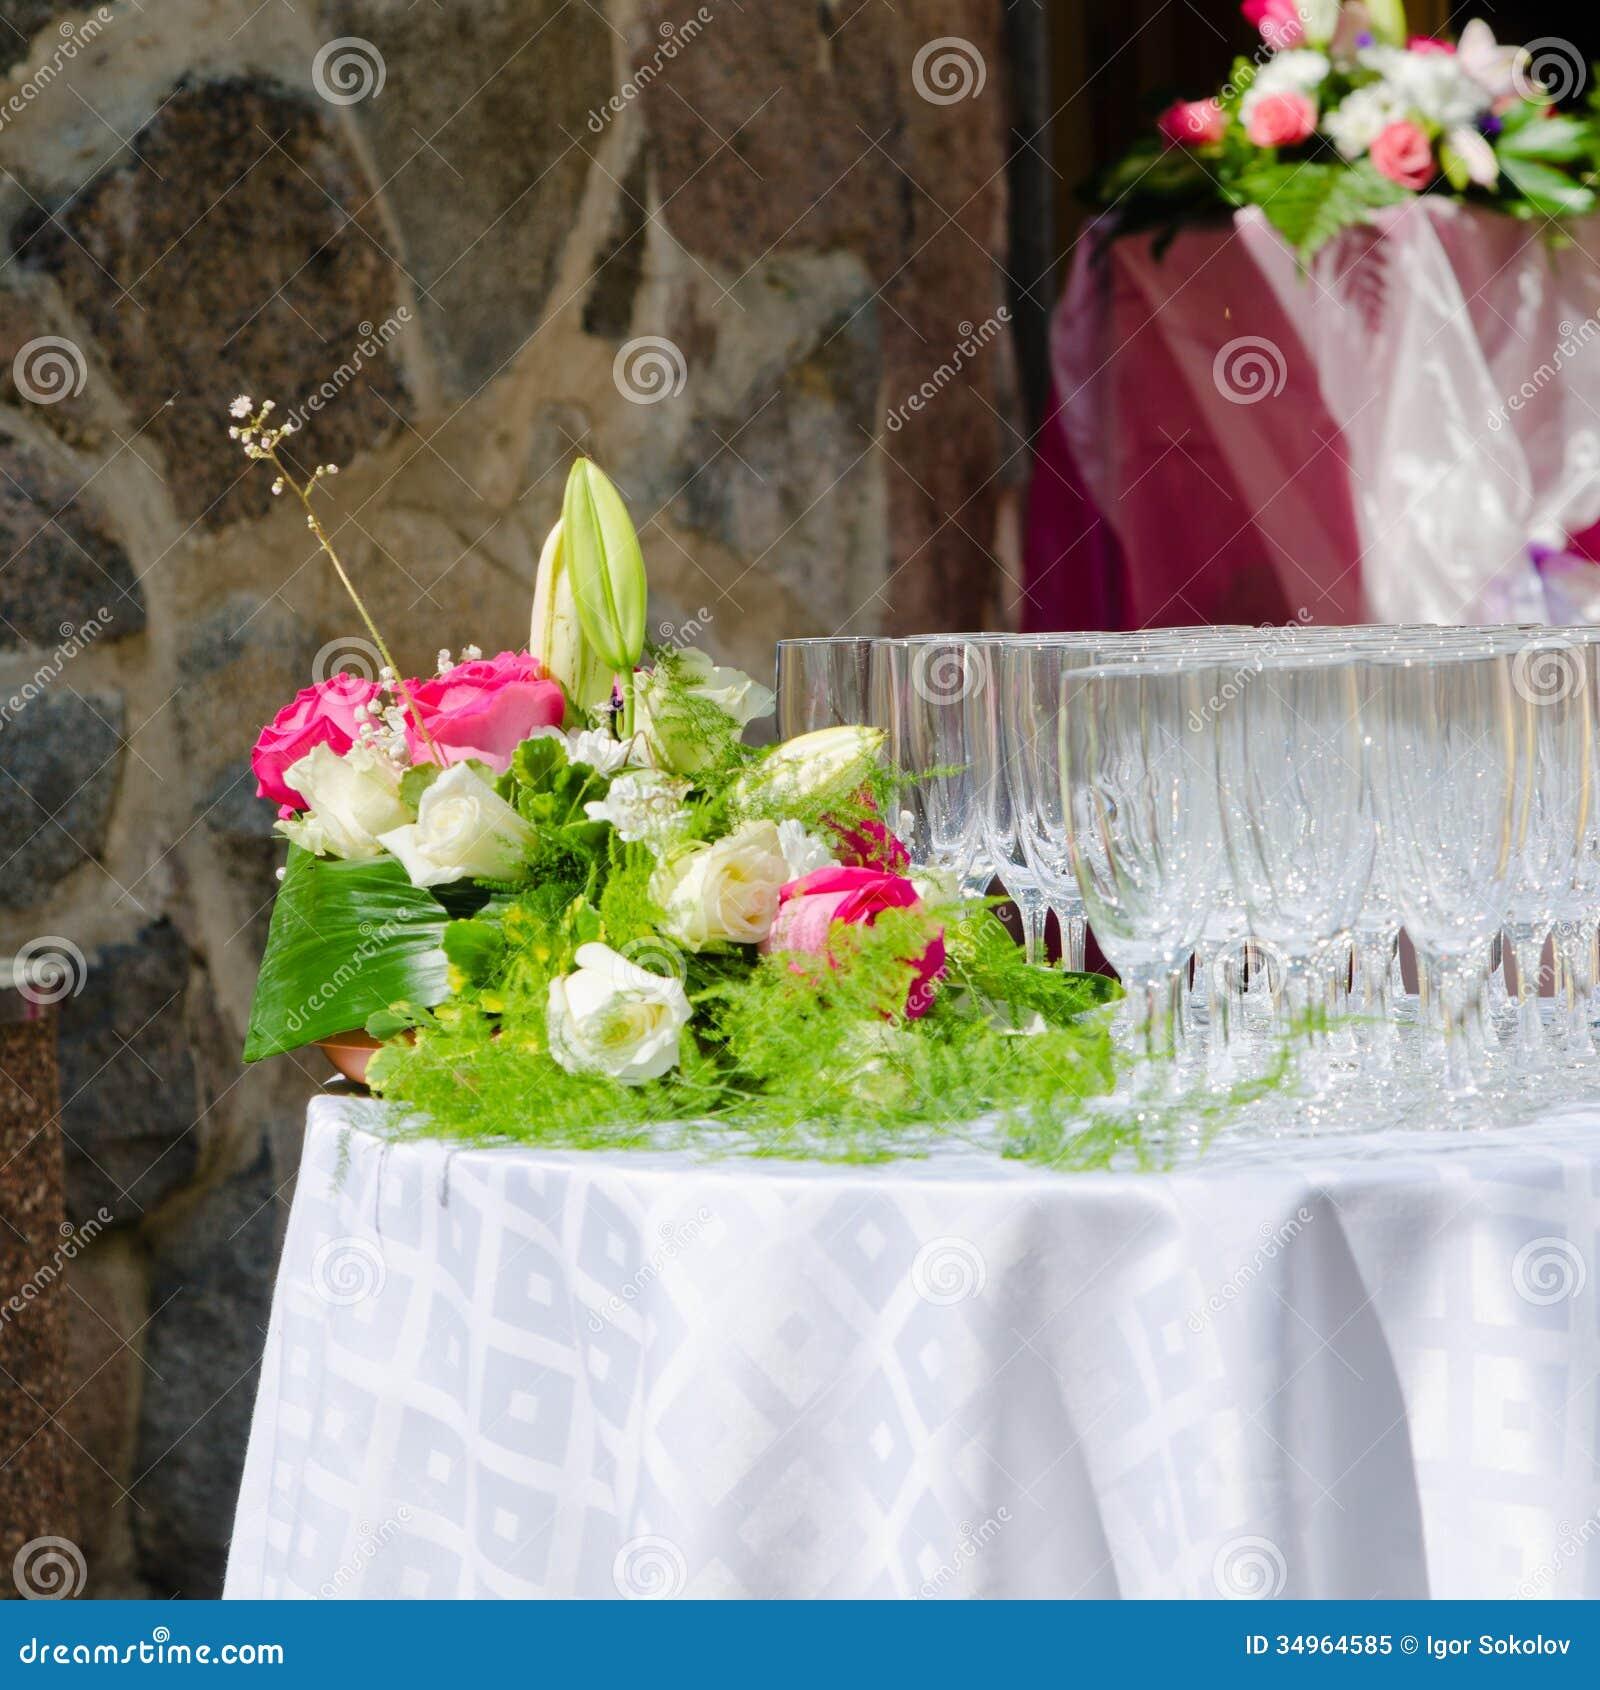 bouquet des fleurs et des verres de vin pour un mariage image stock image du roman fleur. Black Bedroom Furniture Sets. Home Design Ideas